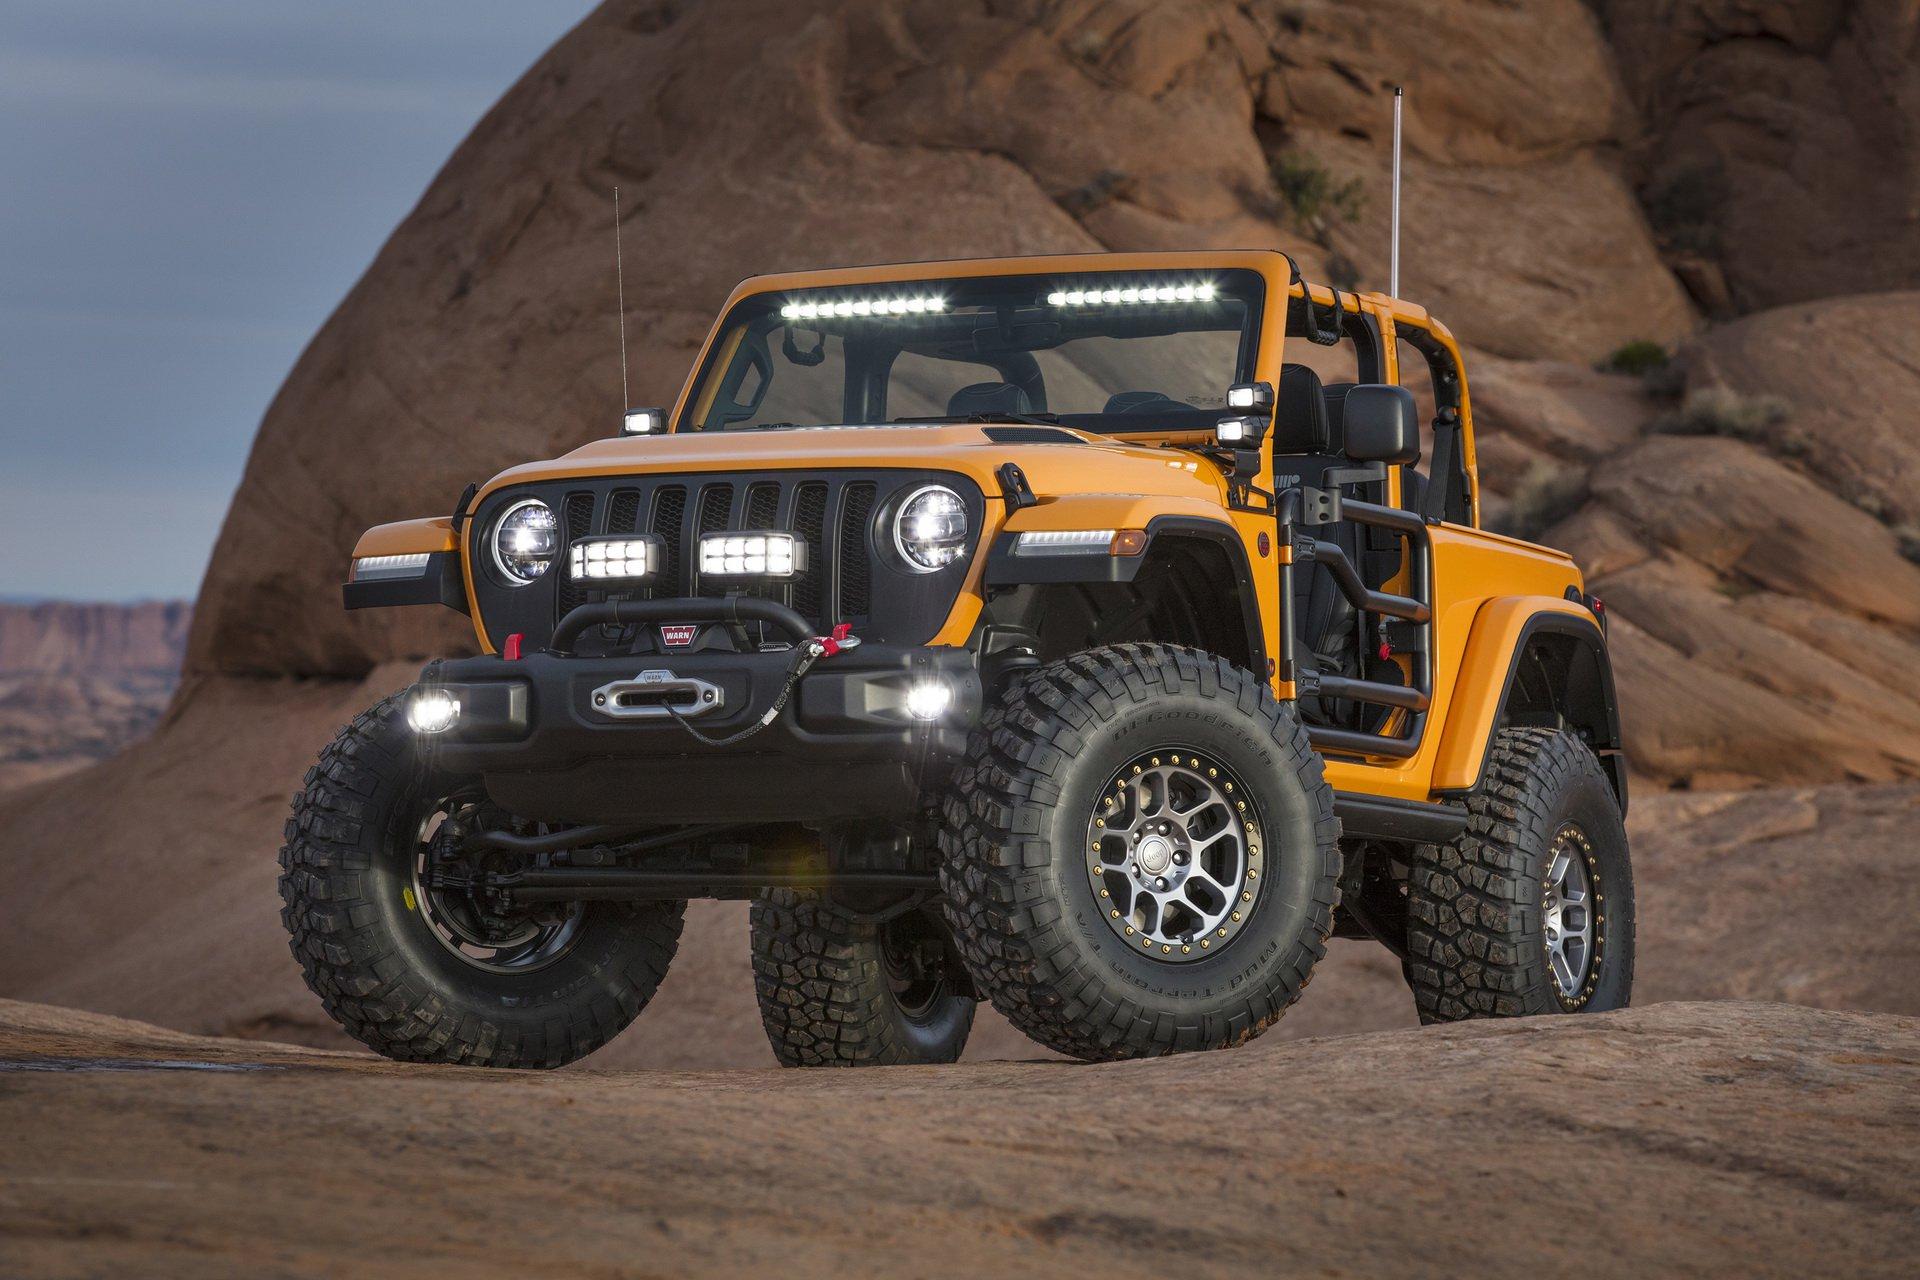 Nacho Jeep Concept Chicago 2019 (8)